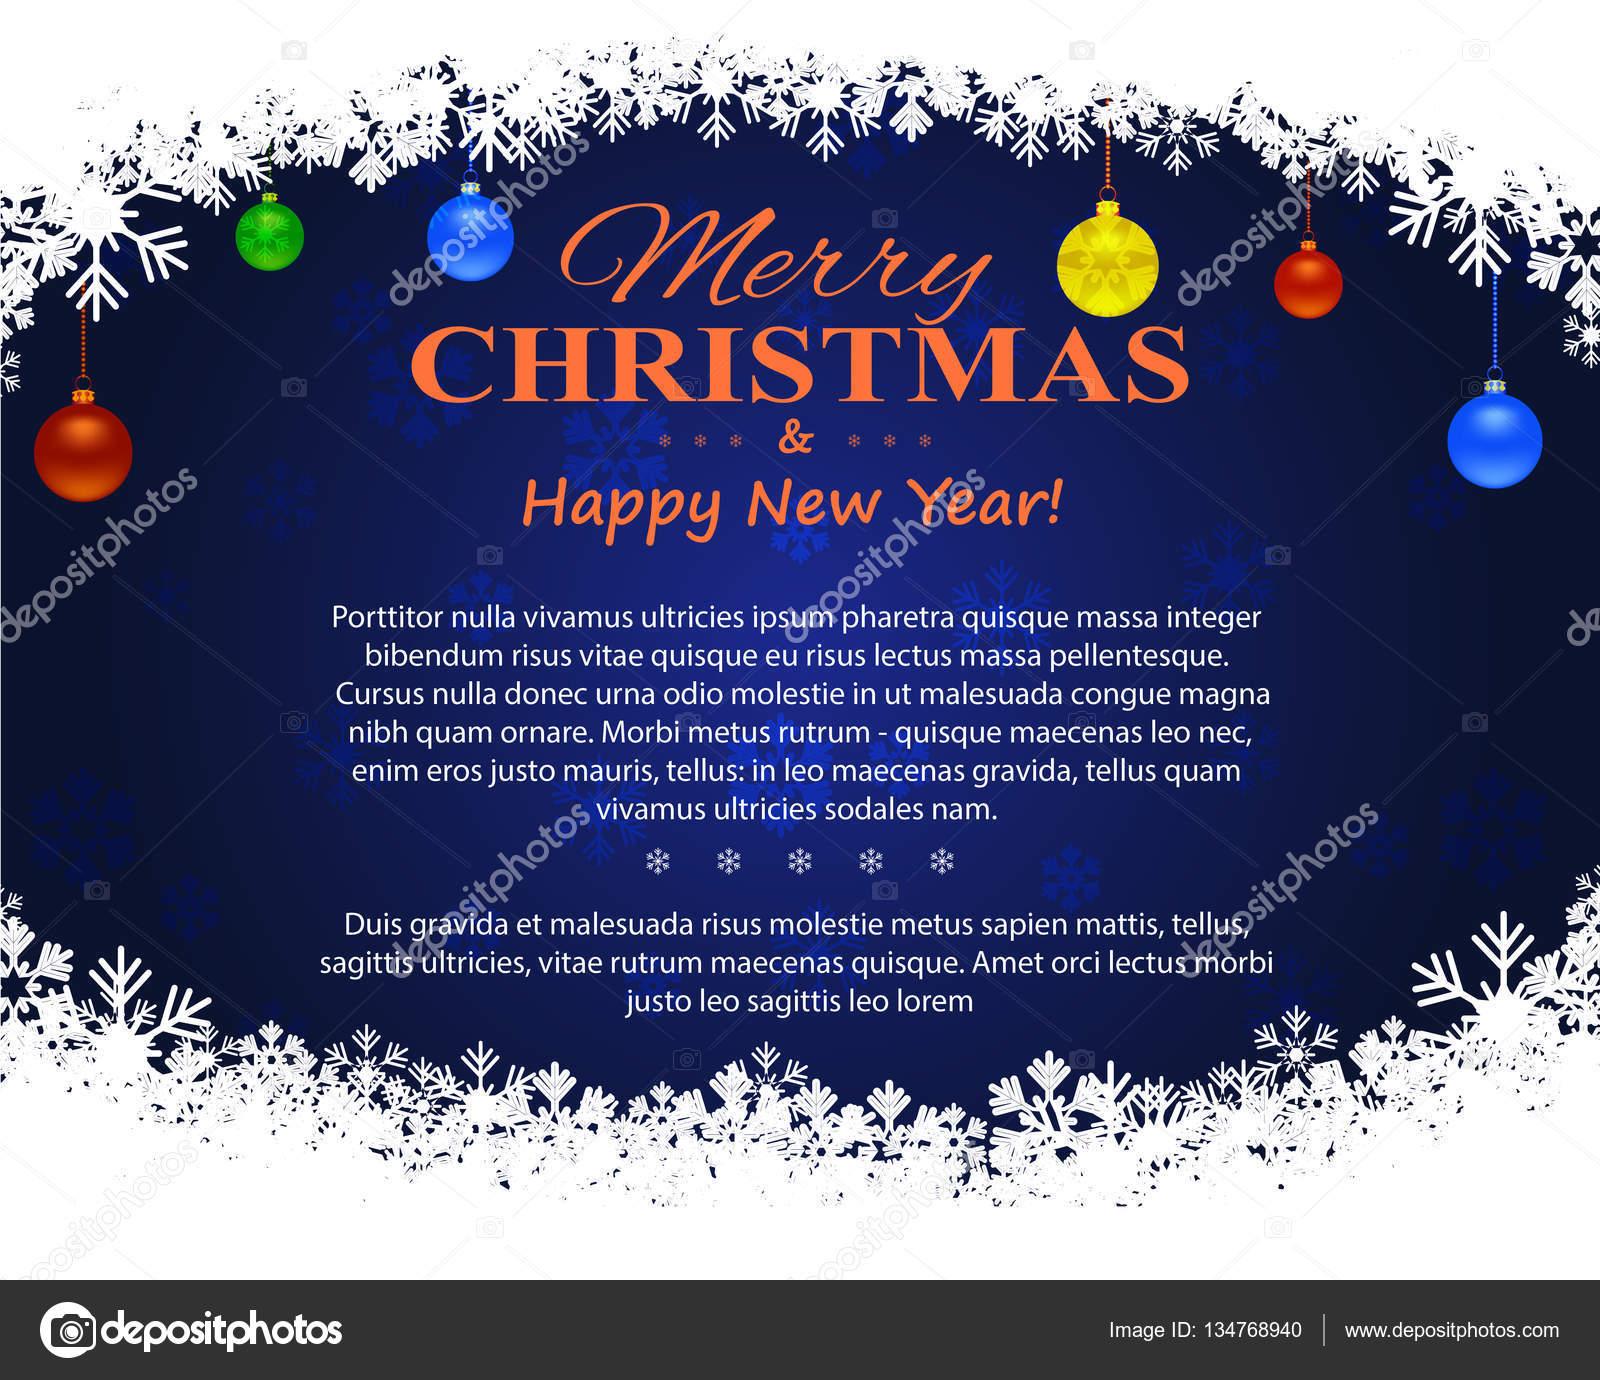 Kerst Folder Met Decoratieve Elementen Op Een Donkere Achtergrond